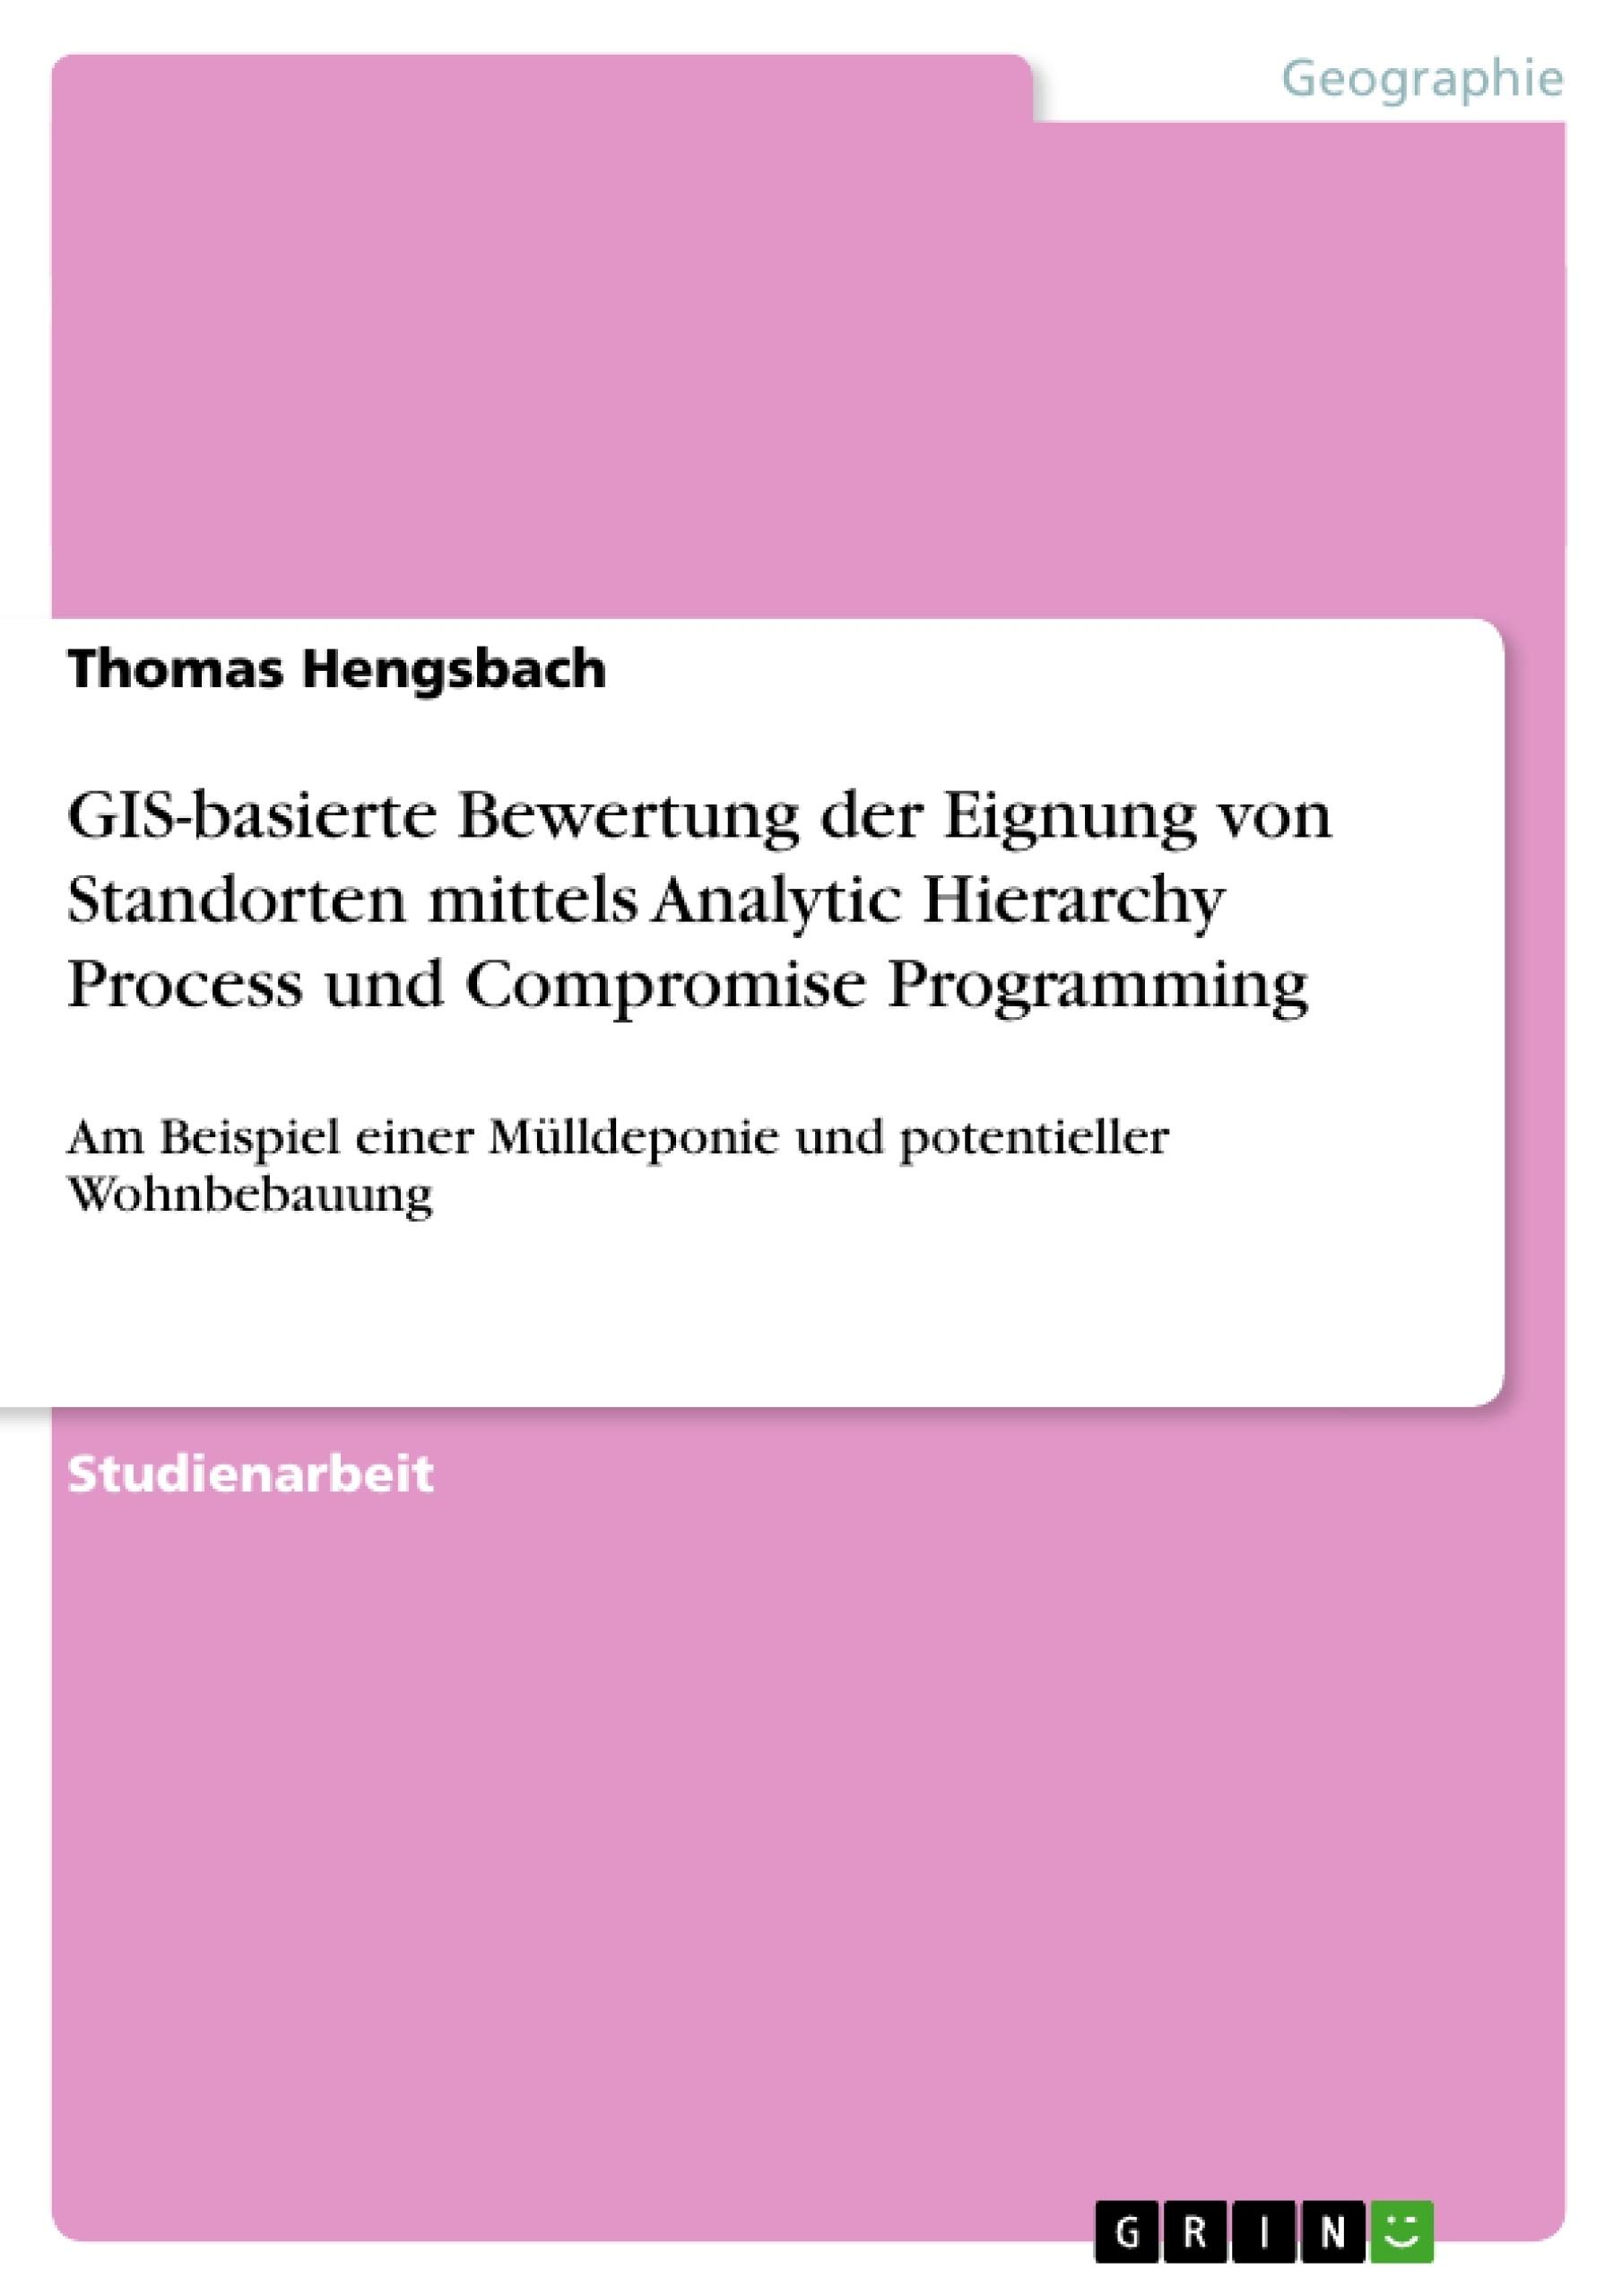 Titel: GIS-basierte Bewertung der Eignung von Standorten mittels Analytic Hierarchy Process und Compromise Programming